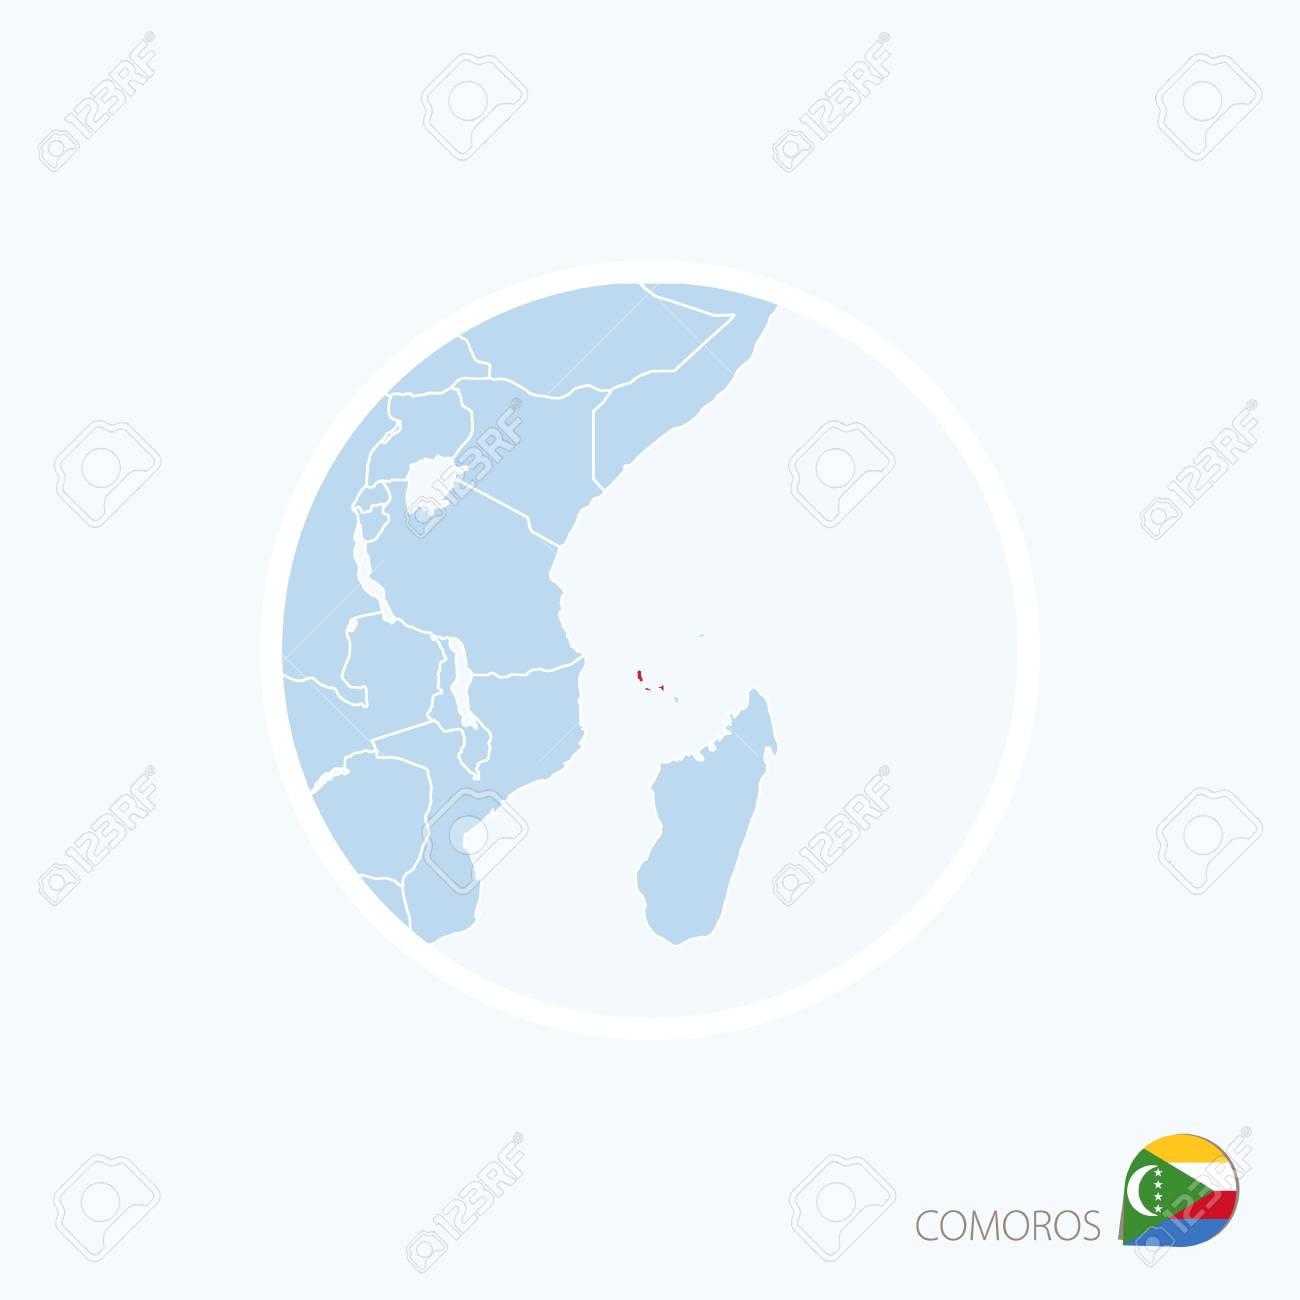 Icono Del Mapa De Comoras Mapa Azul De Africa Oriental Con Las